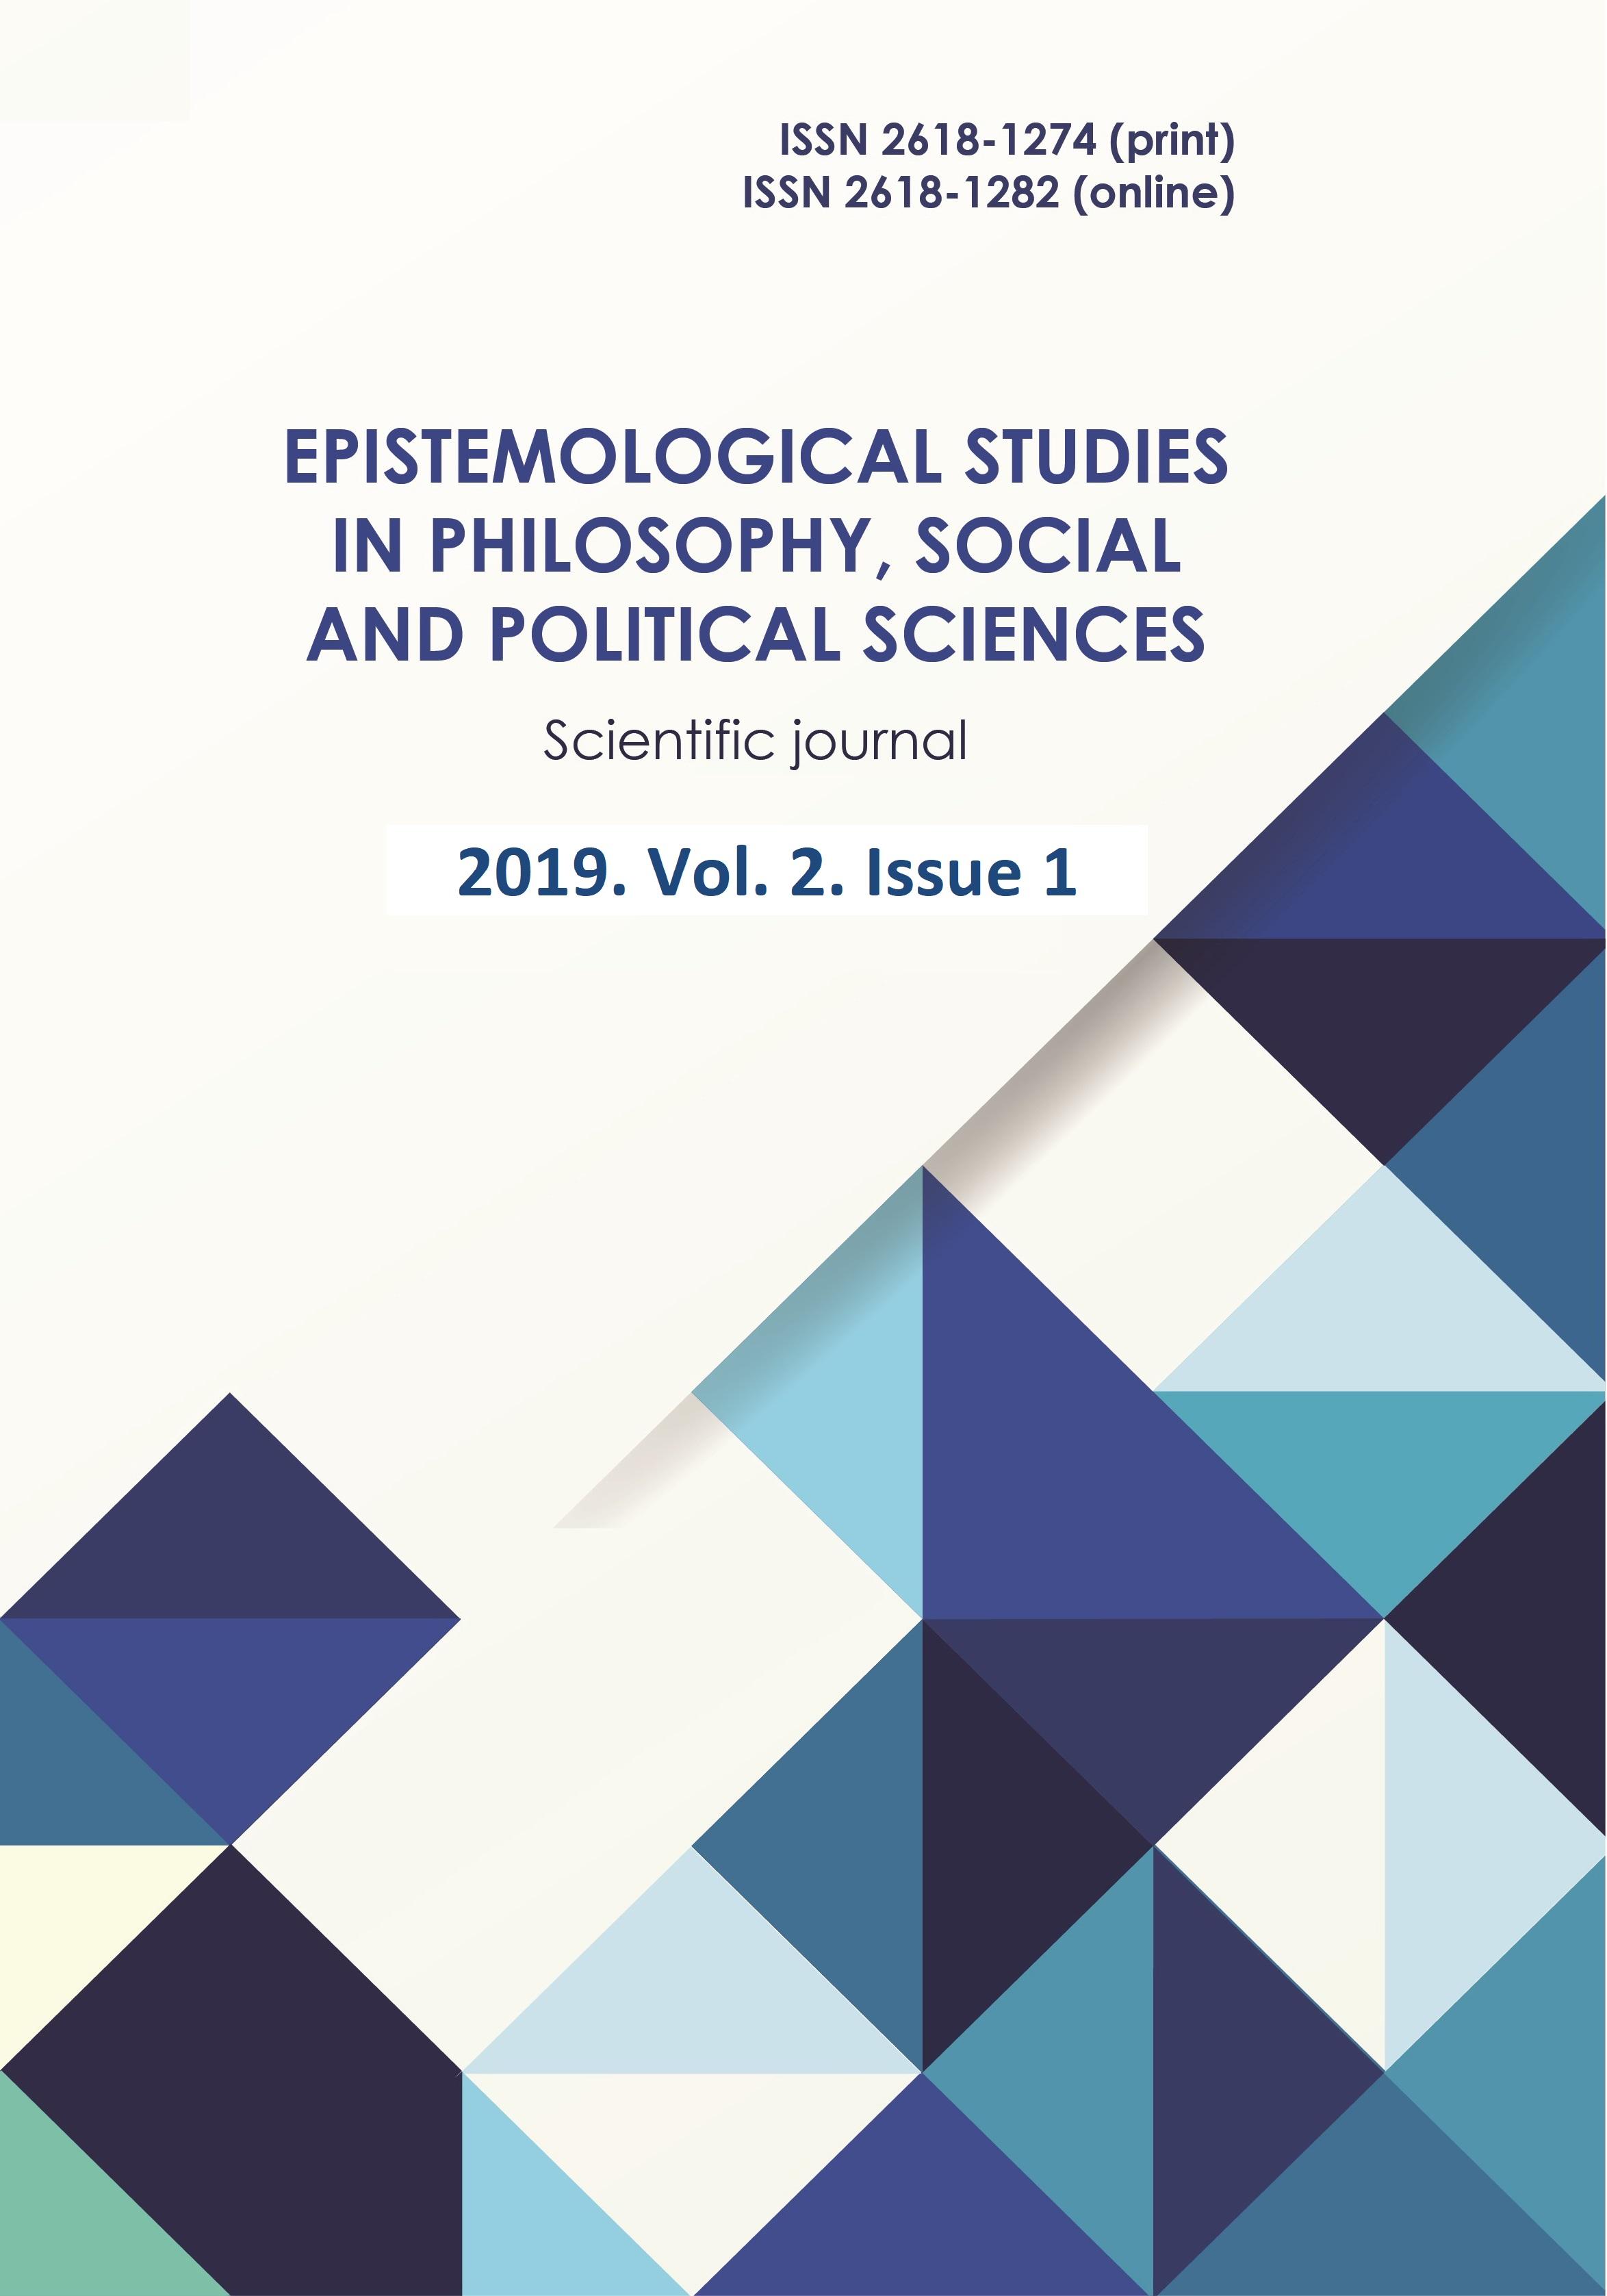 Епістемологічні дослідження у філософії, соціальних і політичних науках. 2019. Vol. 2. Issue 1